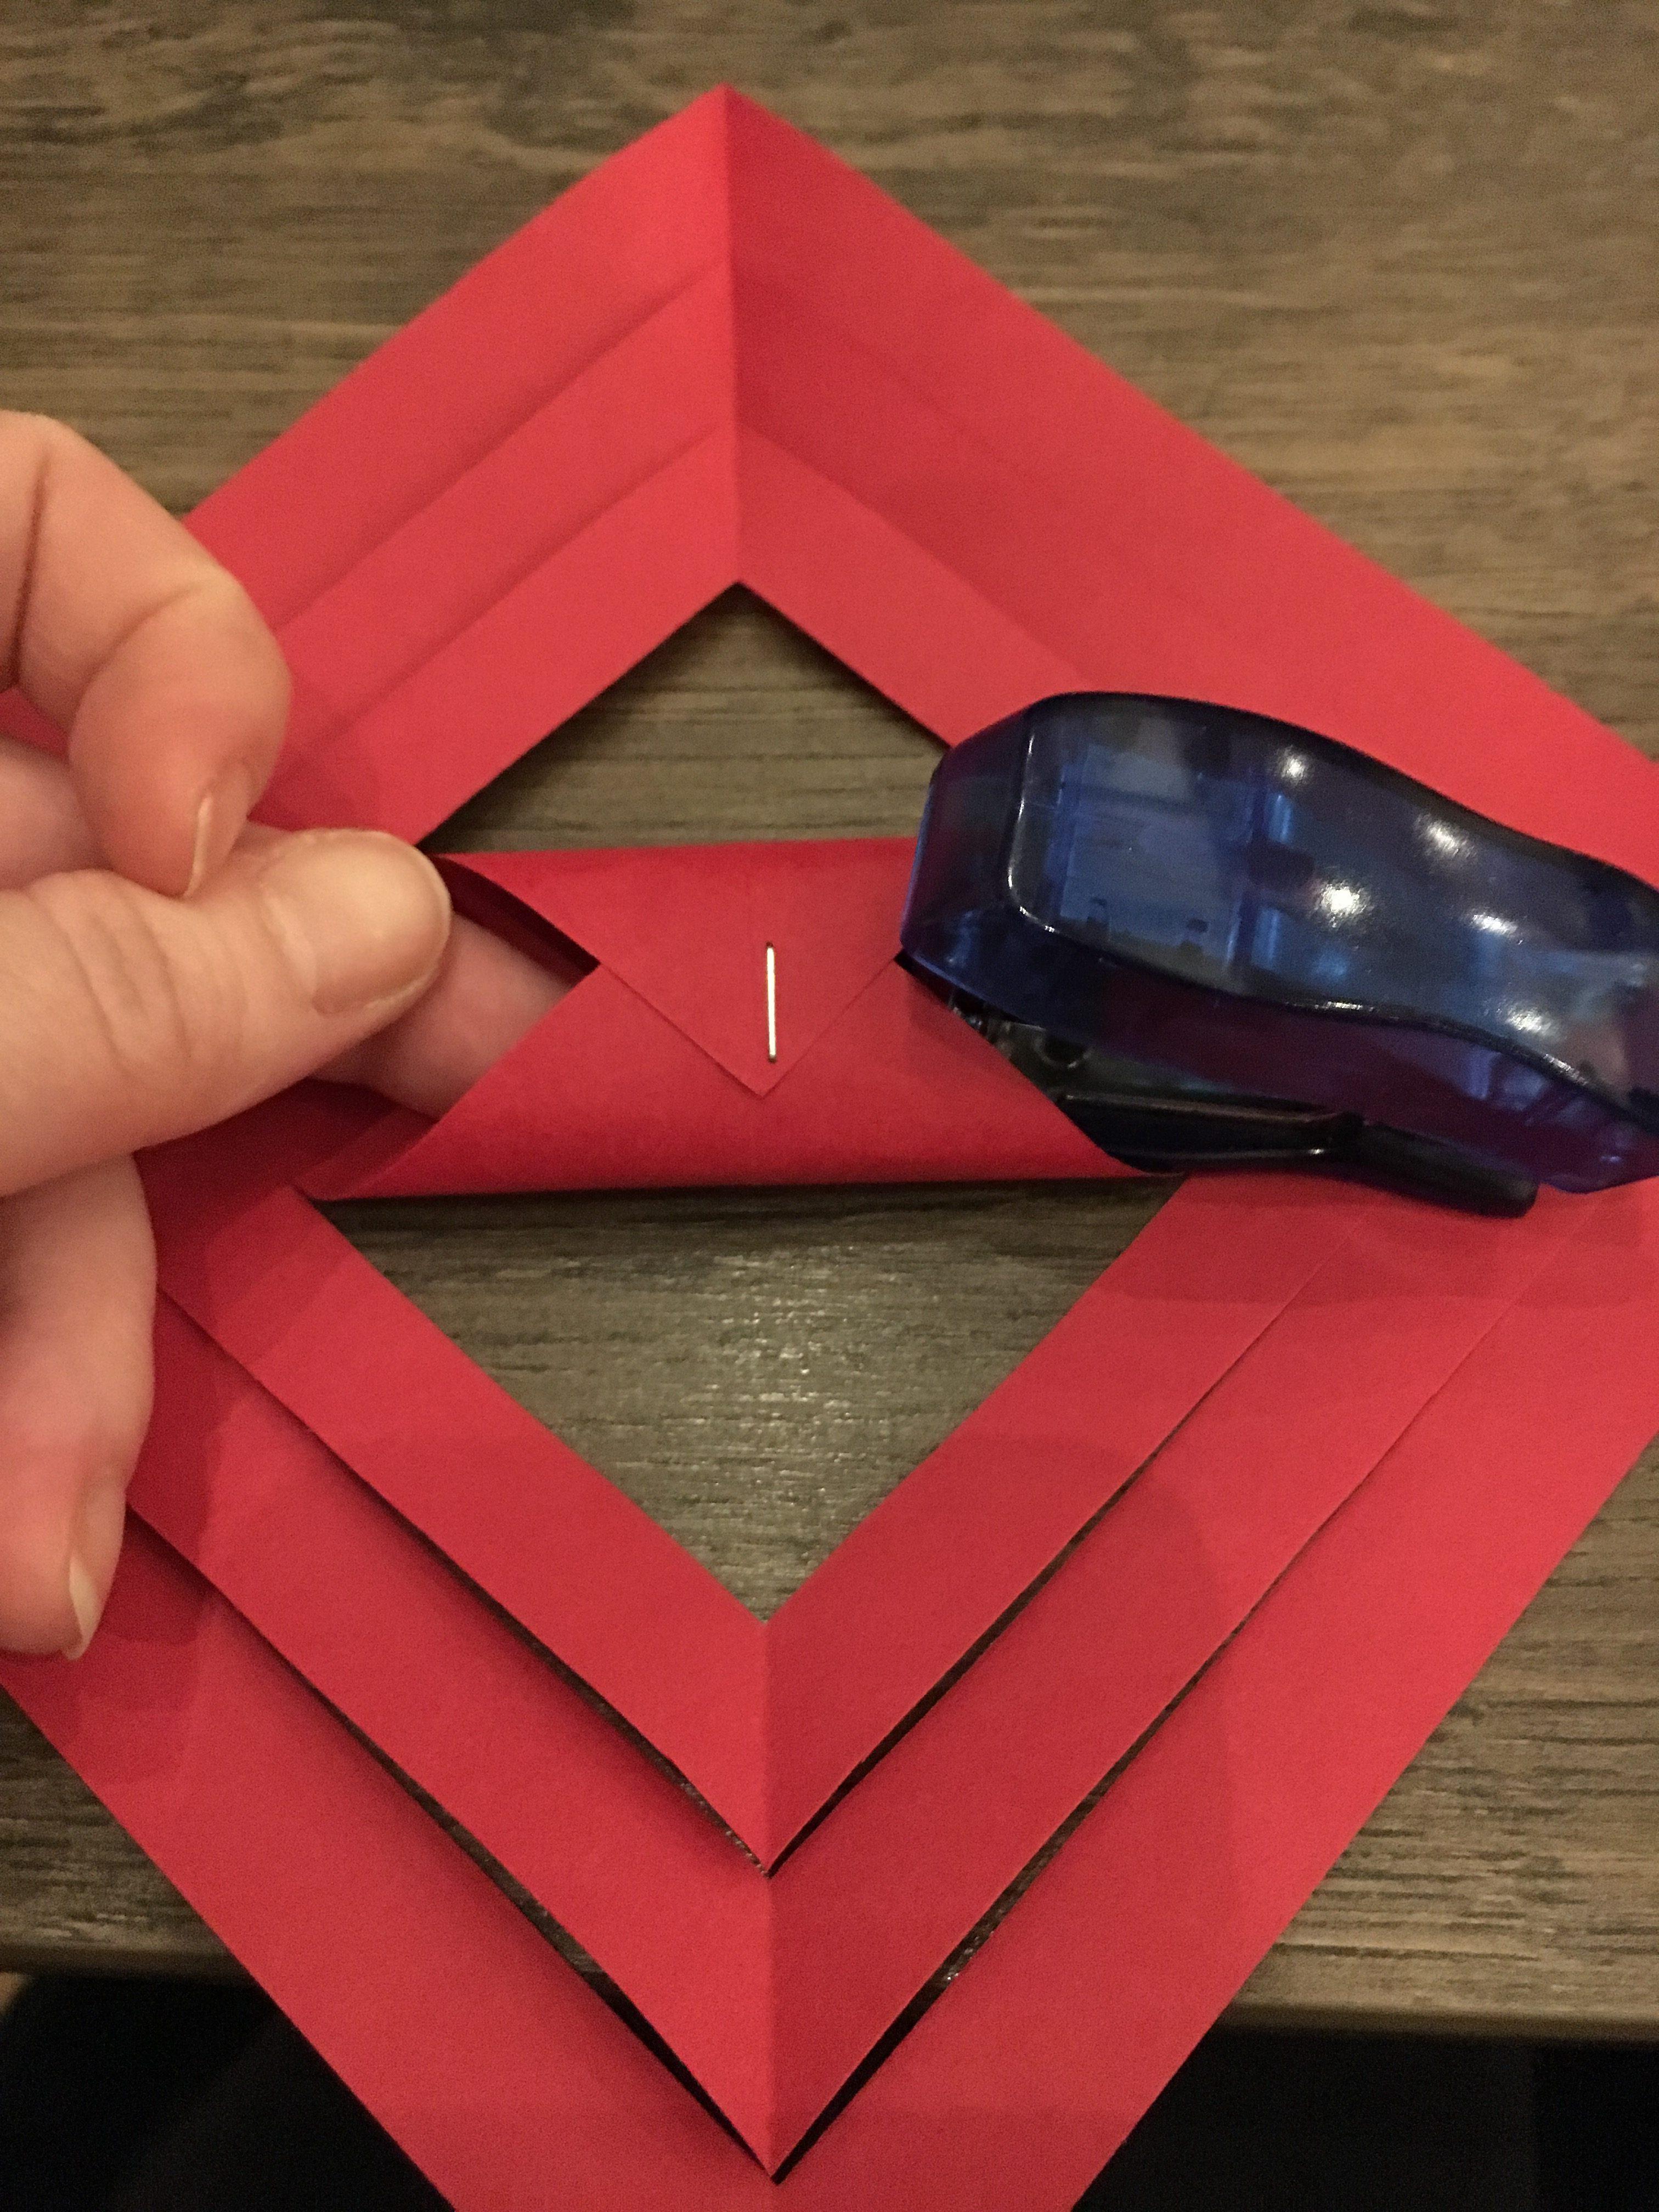 så folder du de 2 inderste spidser oven på hinanden og hæfter dem sammen